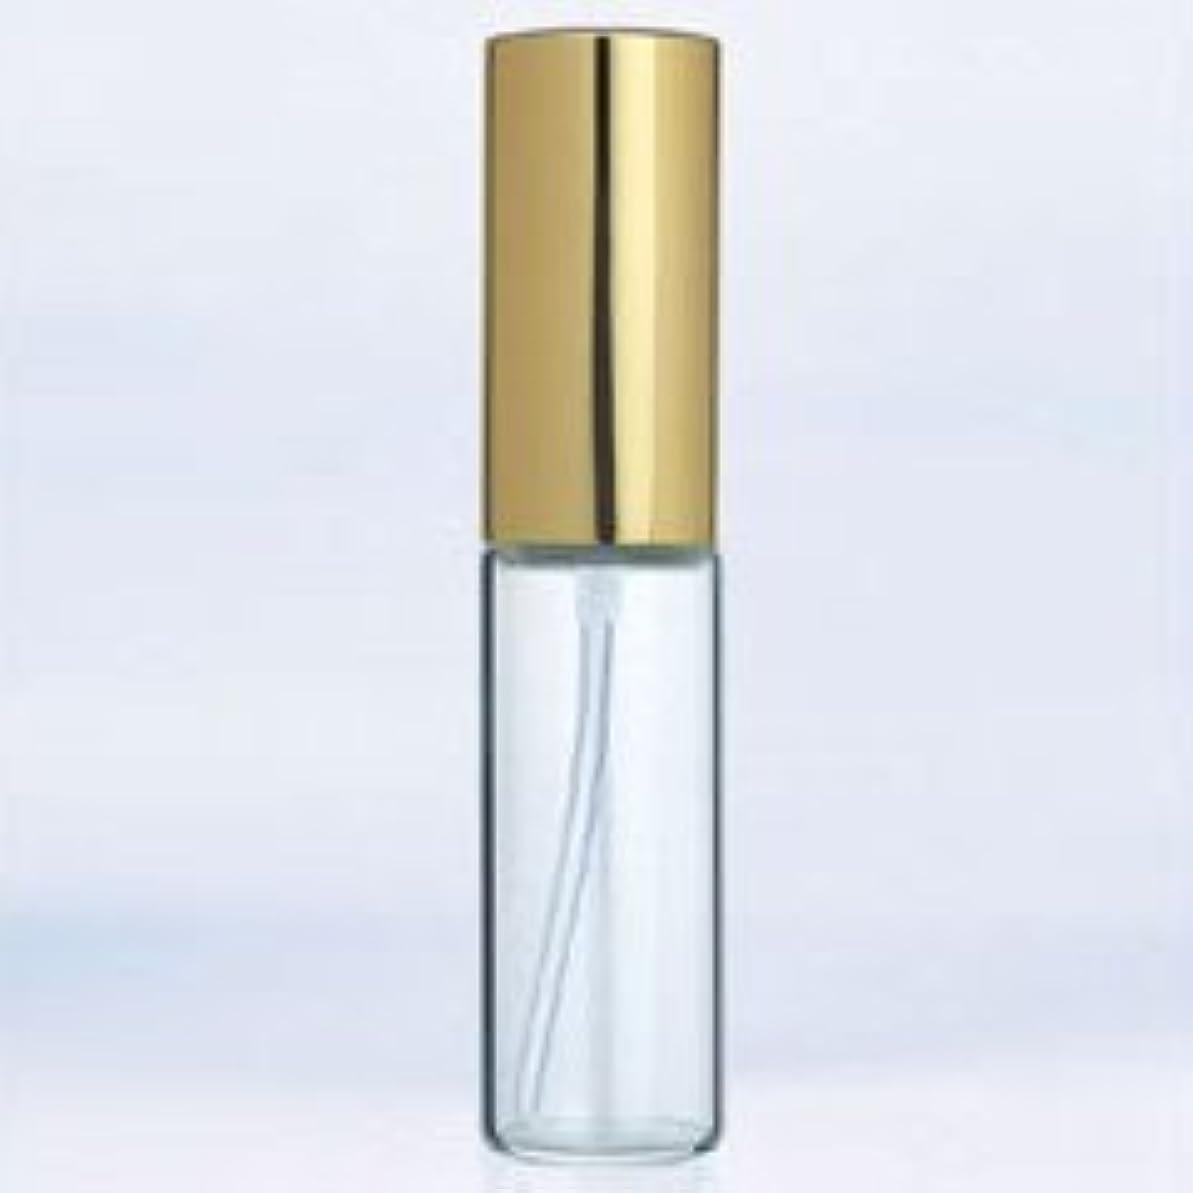 虫を数えるごめんなさい強調する【ヤマダアトマイザー】グラスアトマイザー プラスチックポンプ 無地 6201 アルミキャップ ゴールド 10ml